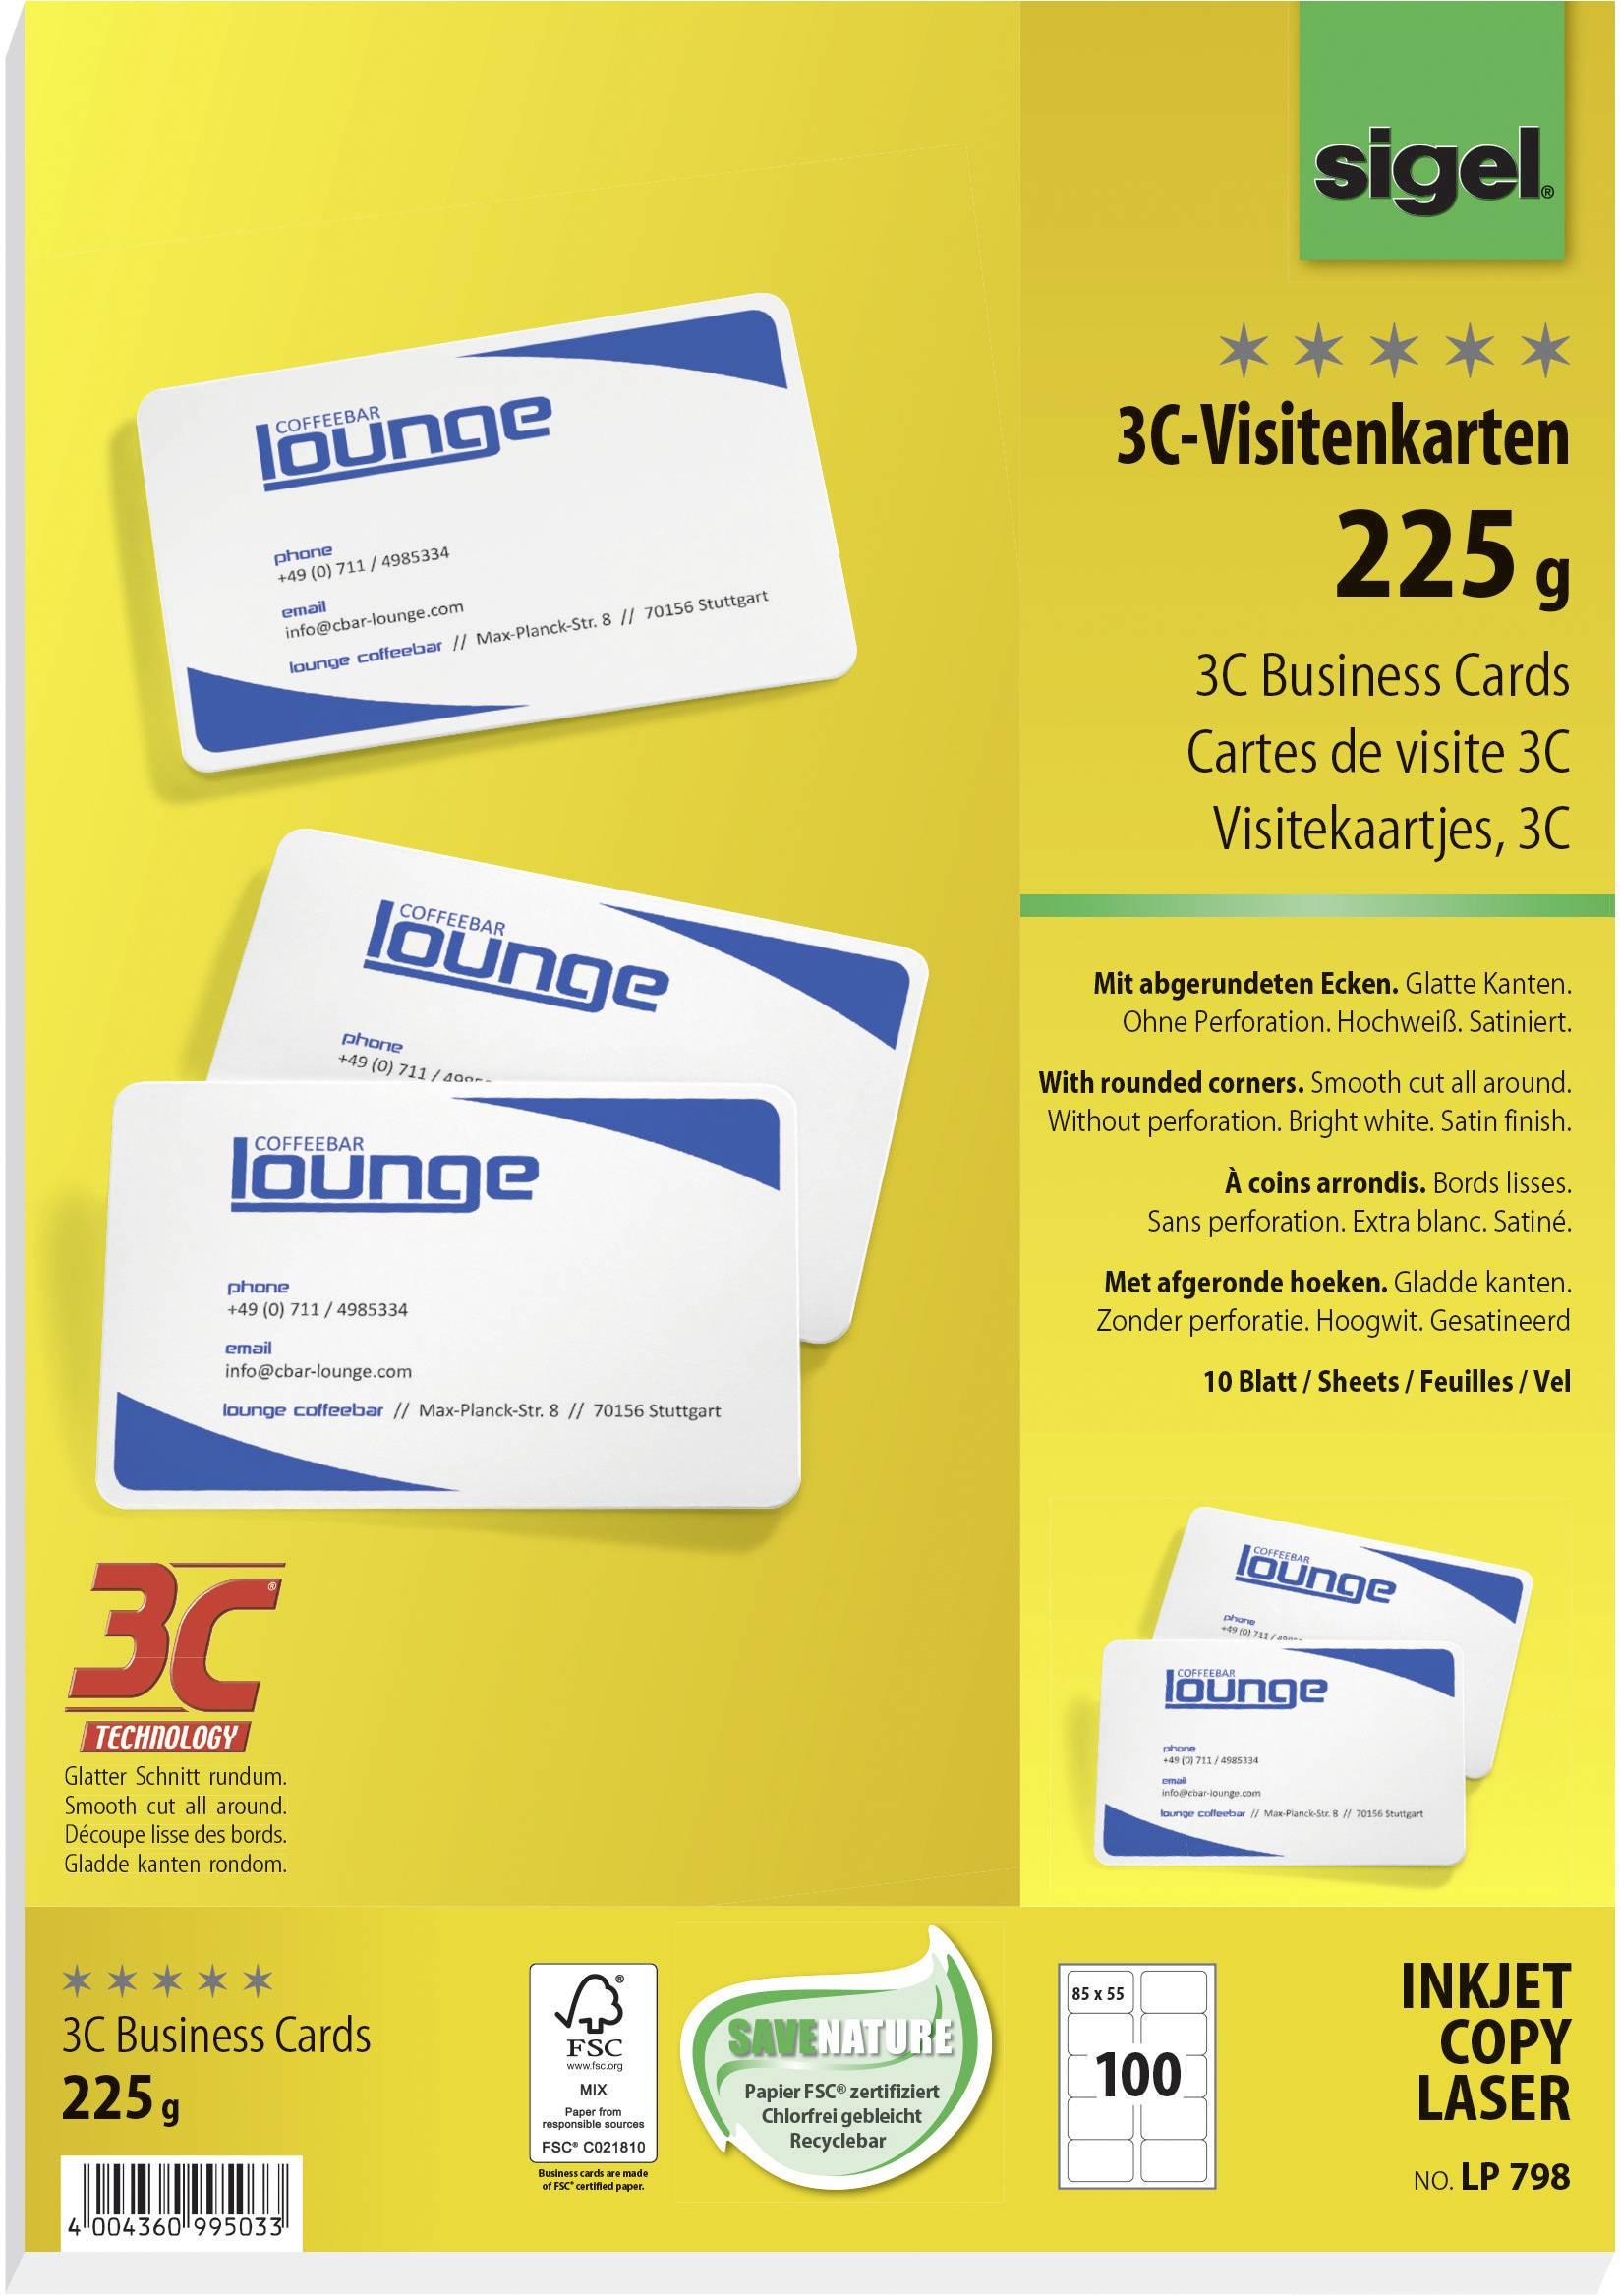 Sigel Lp798 Bedruckbare Visitenkarten Glatte Kanten 85 X 55 Mm Hoch Weiß 100 St Papierformat Din A4